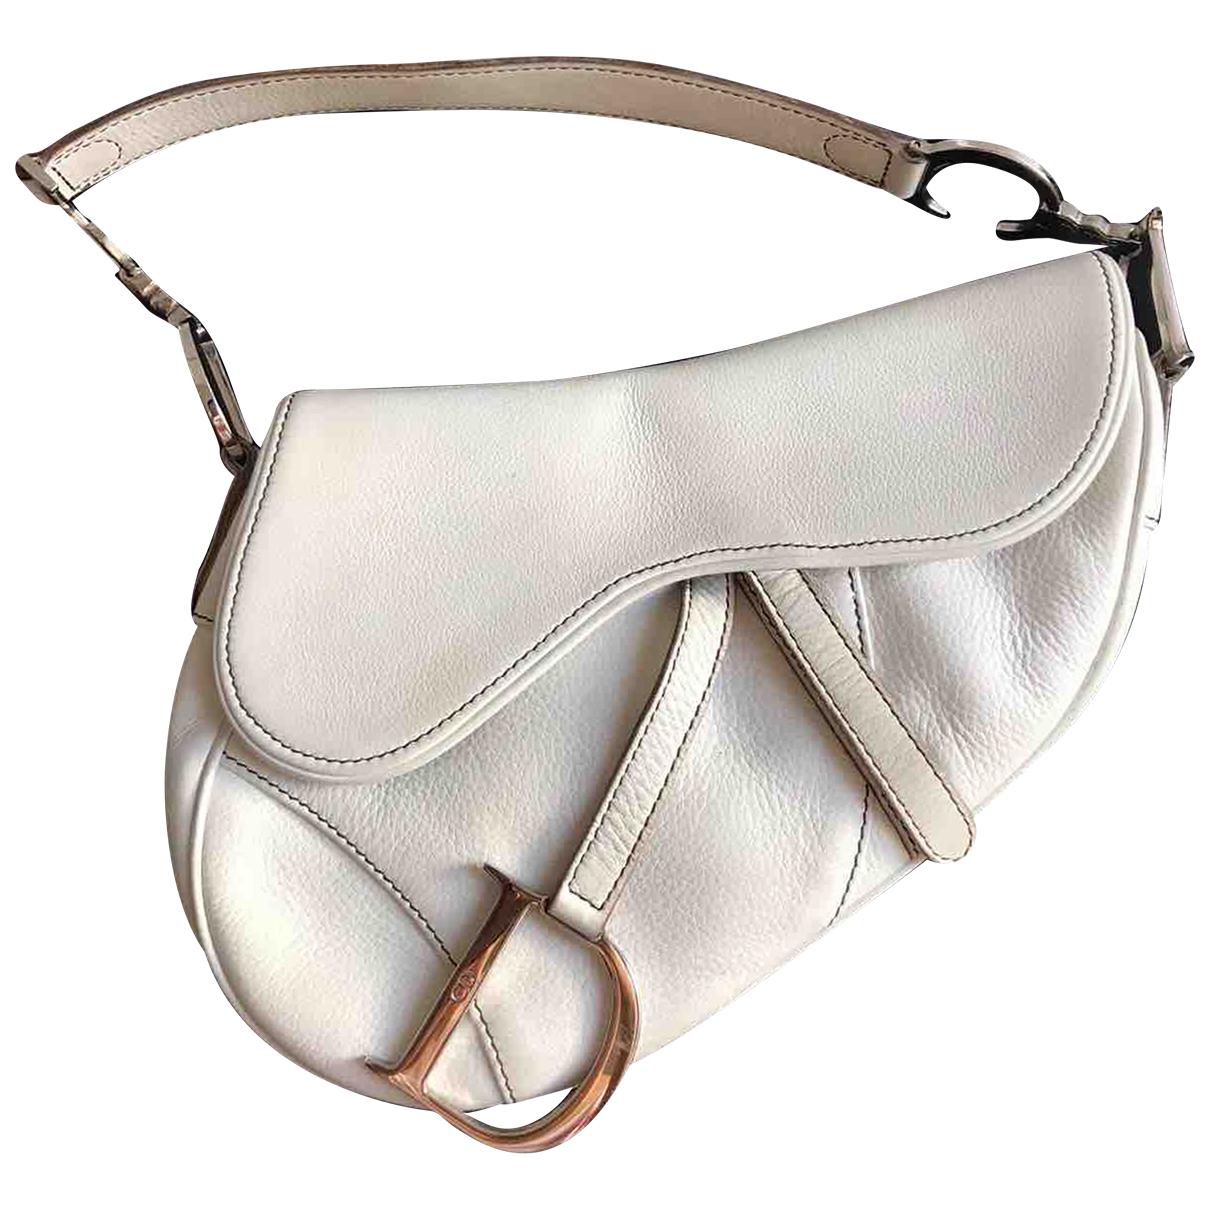 Dior Saddle Handtasche in  Ecru Leder